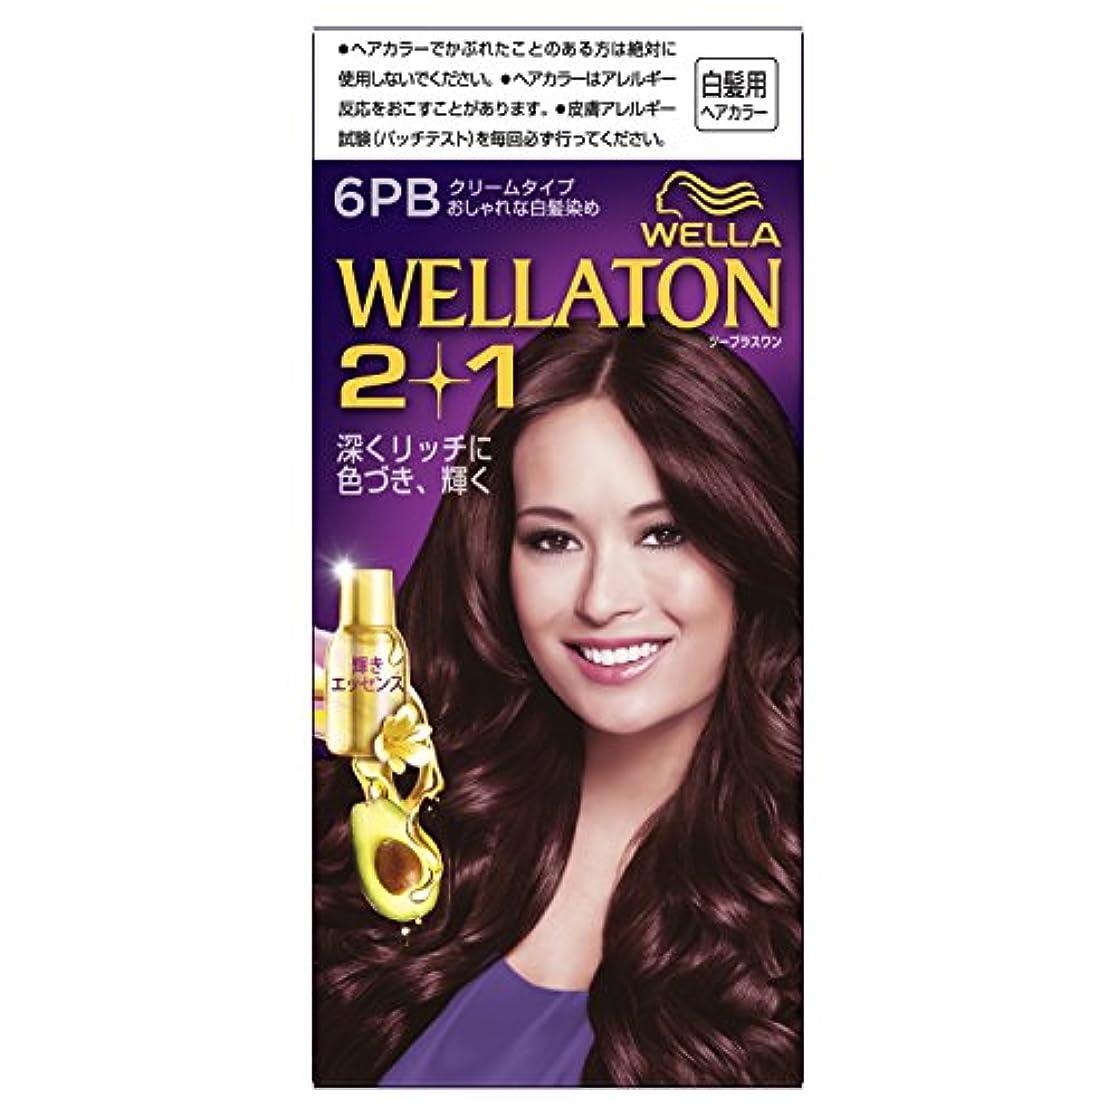 取得できるカヌーウエラトーン2+1 クリームタイプ 6PB [医薬部外品](おしゃれな白髪染め)